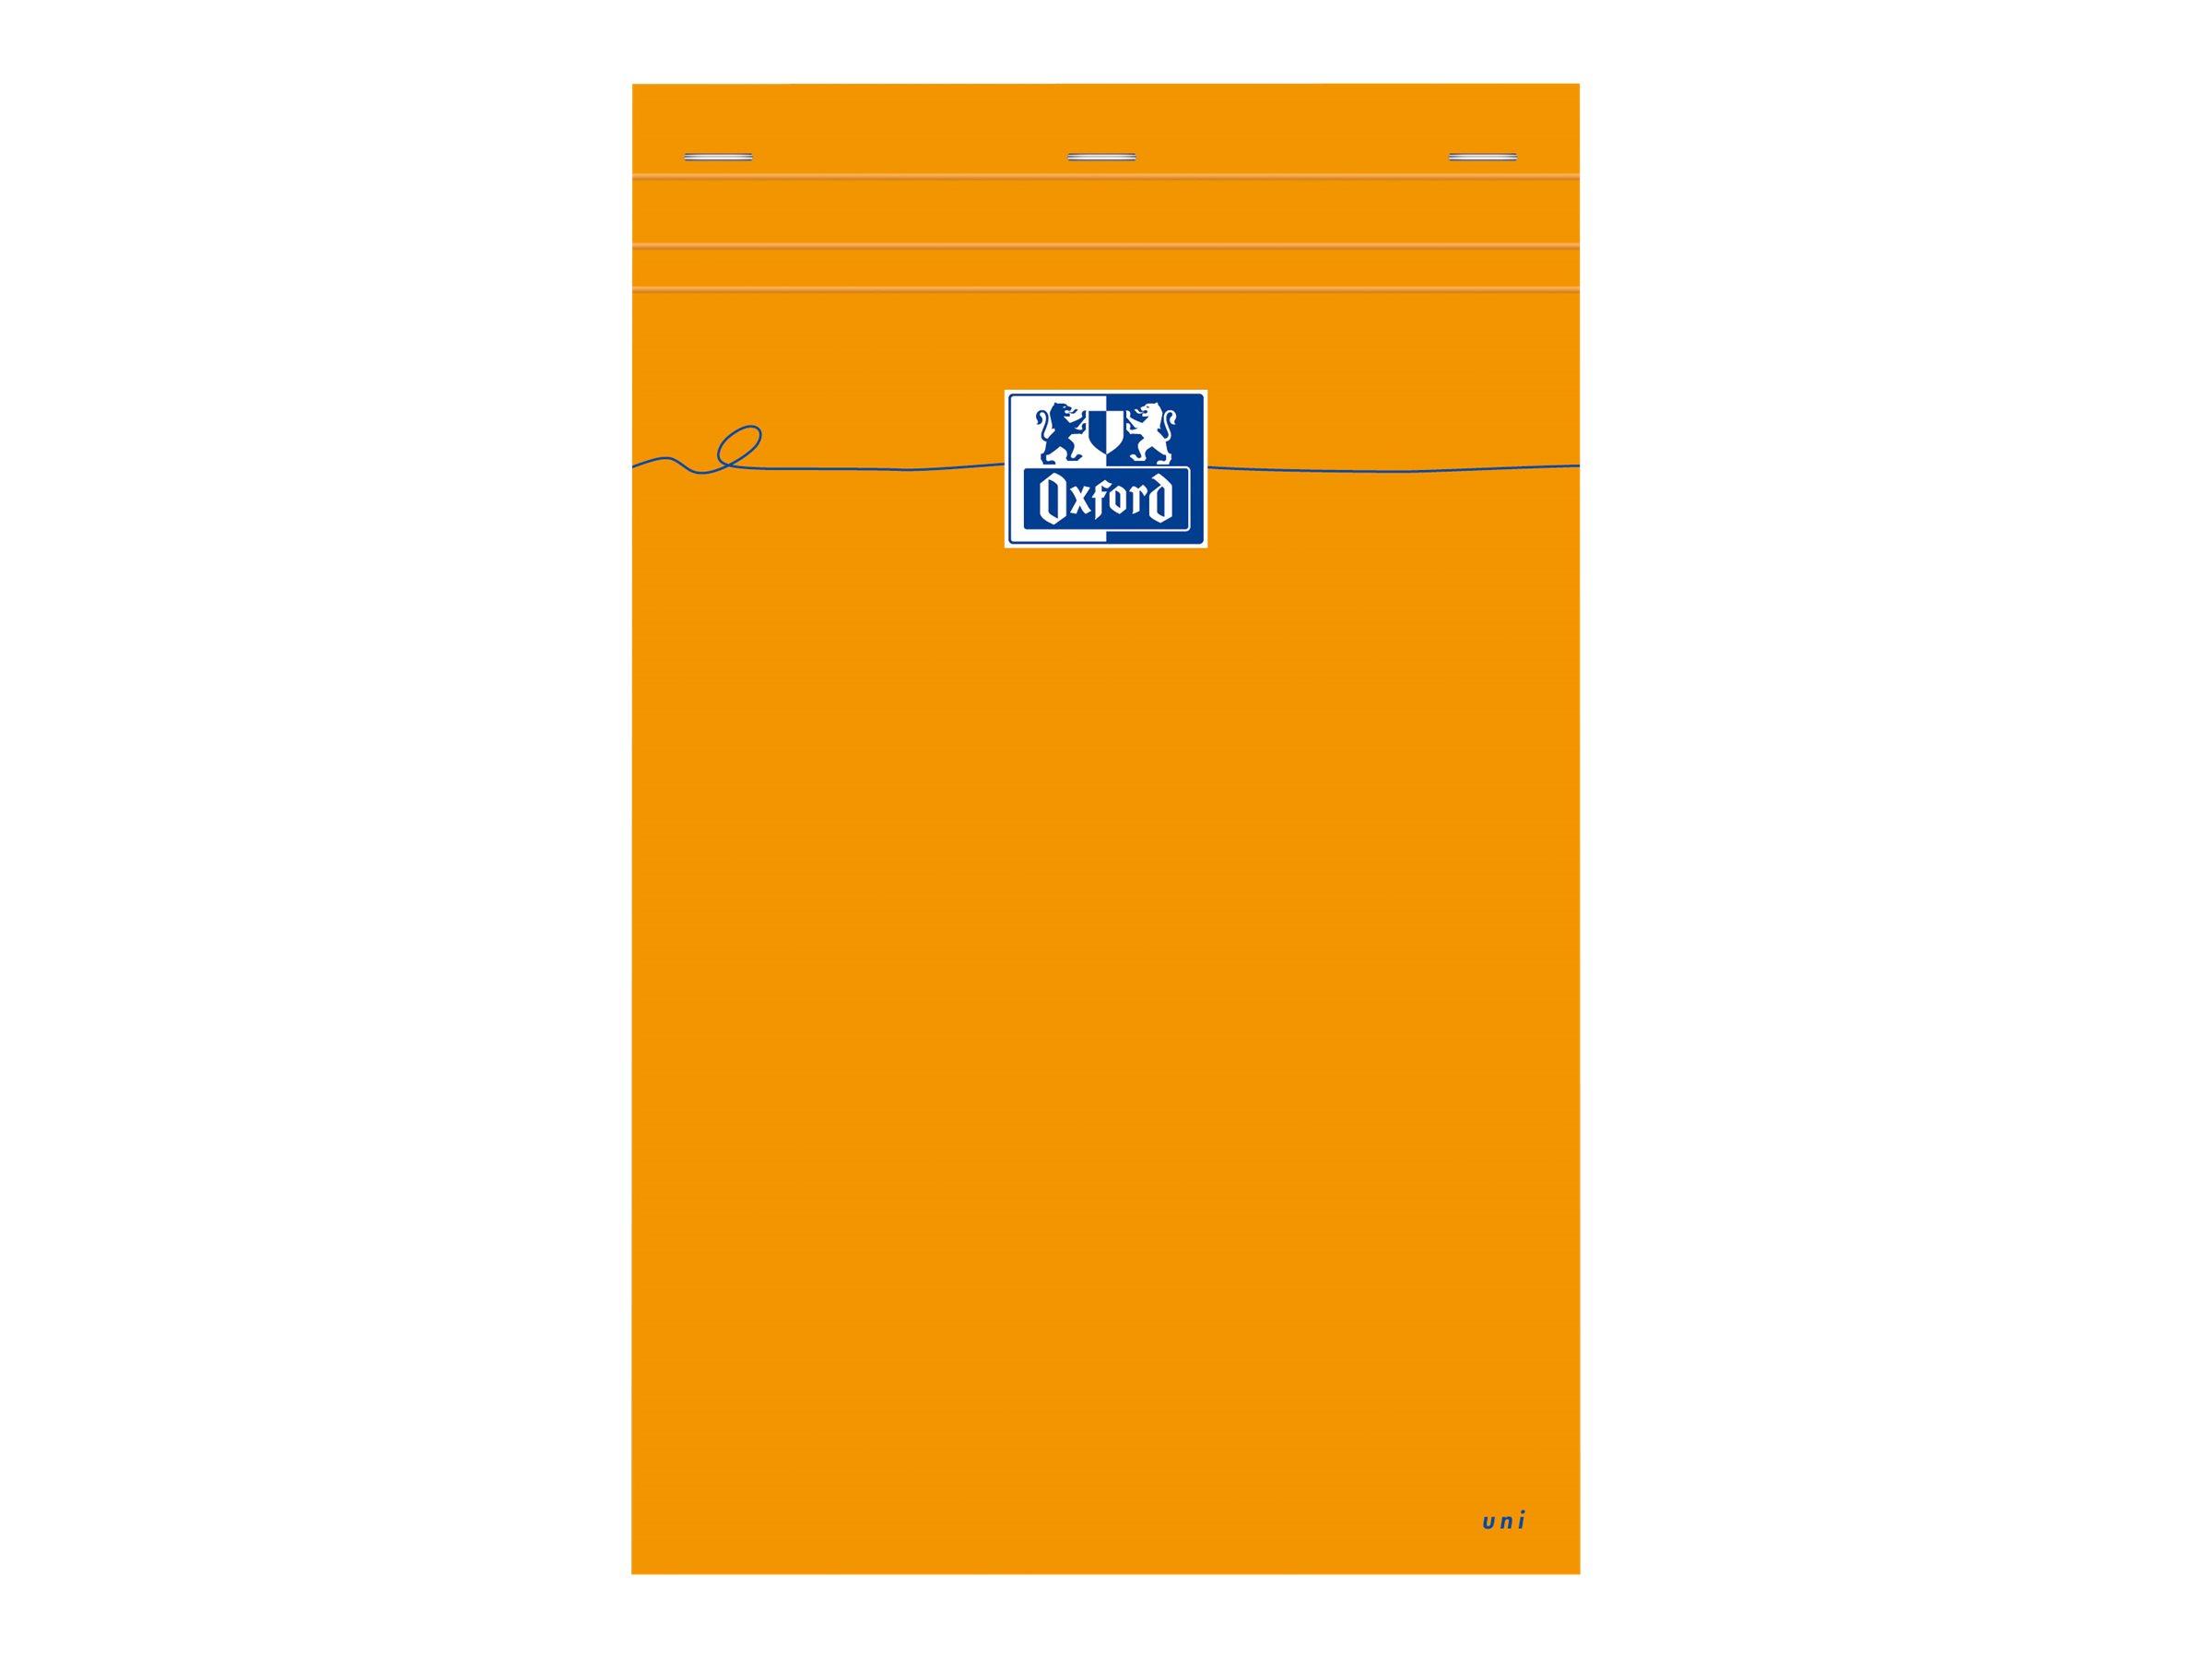 Oxford 5 Blocs Orange A4+ -  Bloc - 160 pages - uni - à l'unité ou par 10